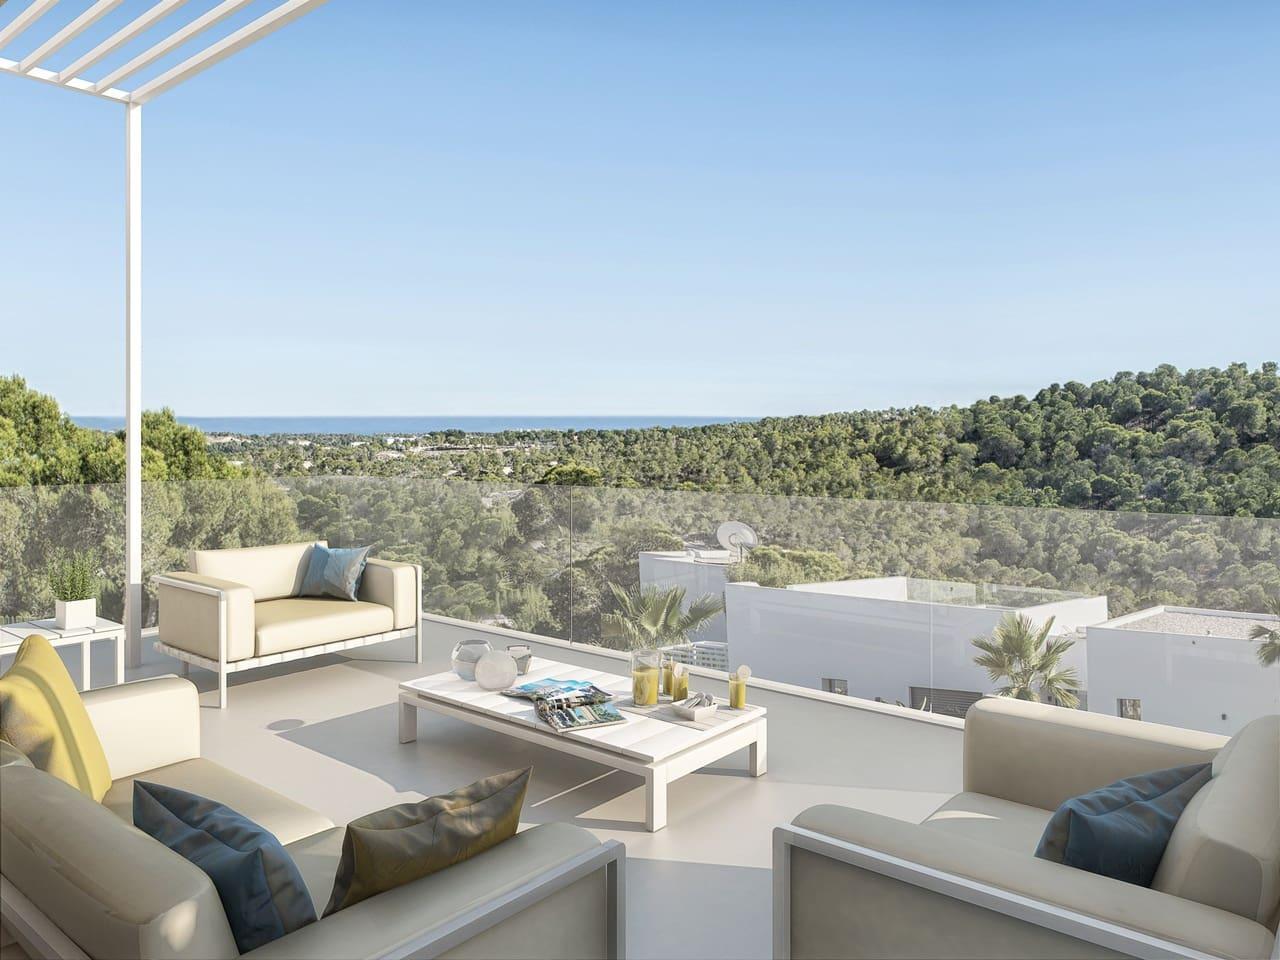 Apartamento de 2 habitaciones en Orihuela en venta - 289.000 € (Ref: 5050795)